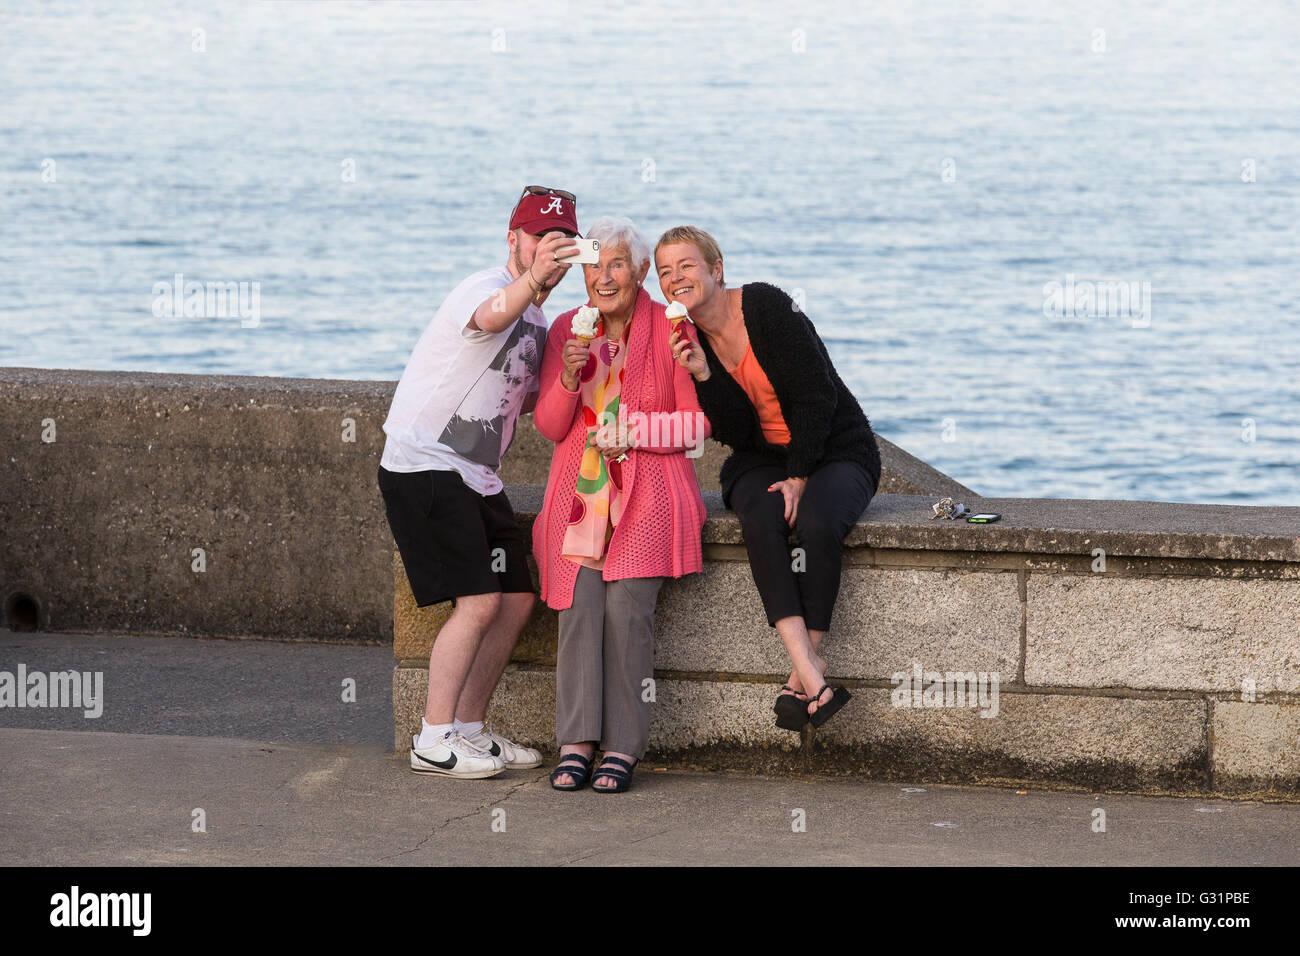 3 tre persone del gruppo foto selfie uomo uomini donna regno unito Immagini Stock